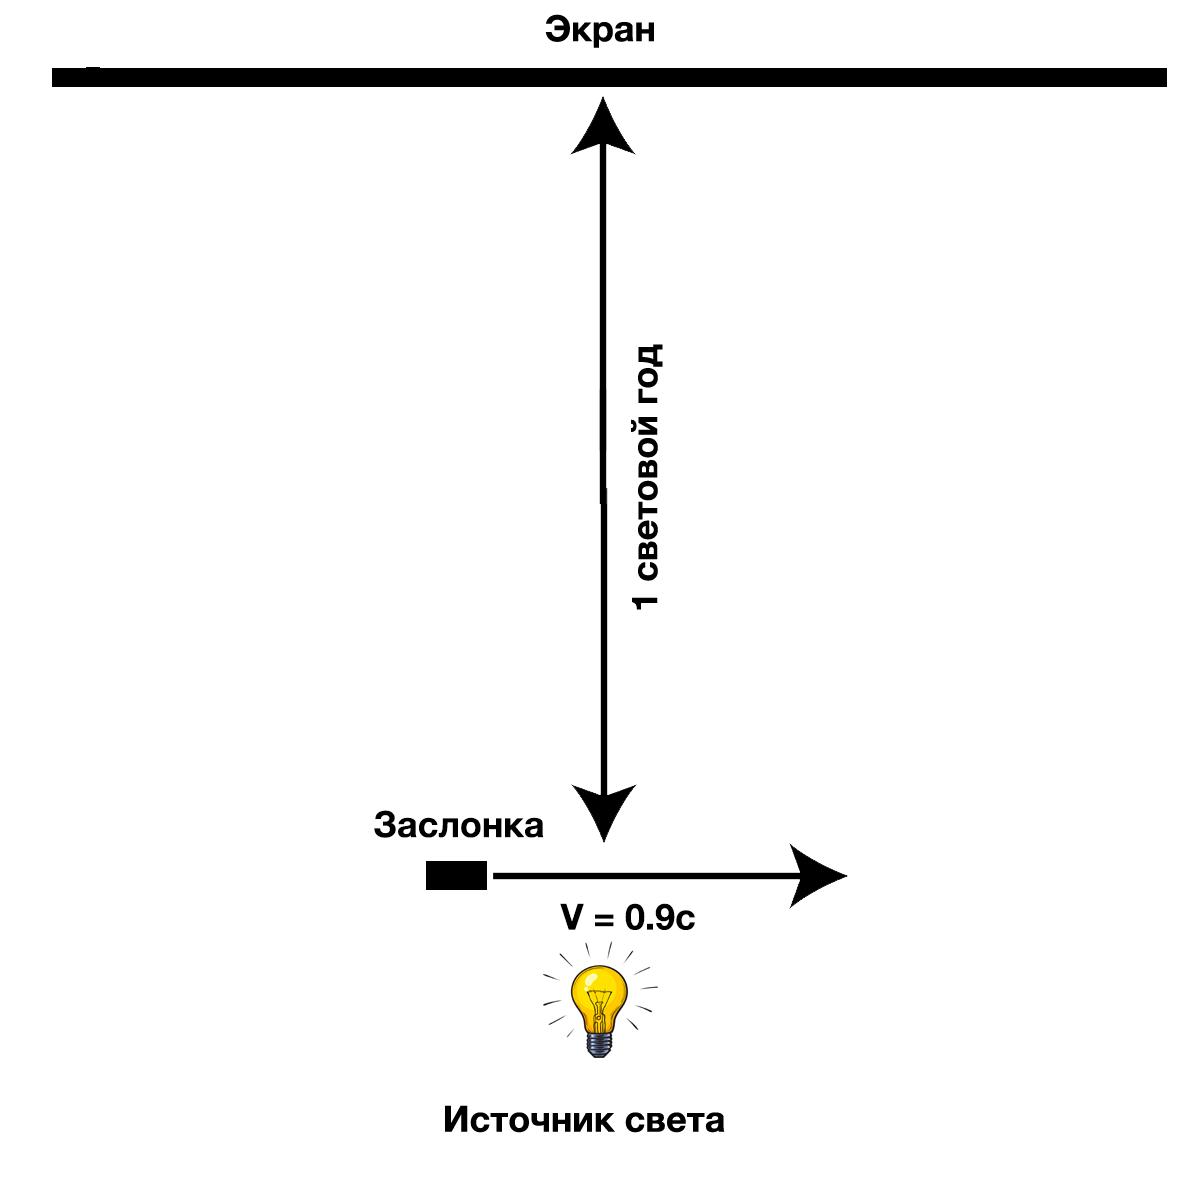 Скорость света | наука | fandom